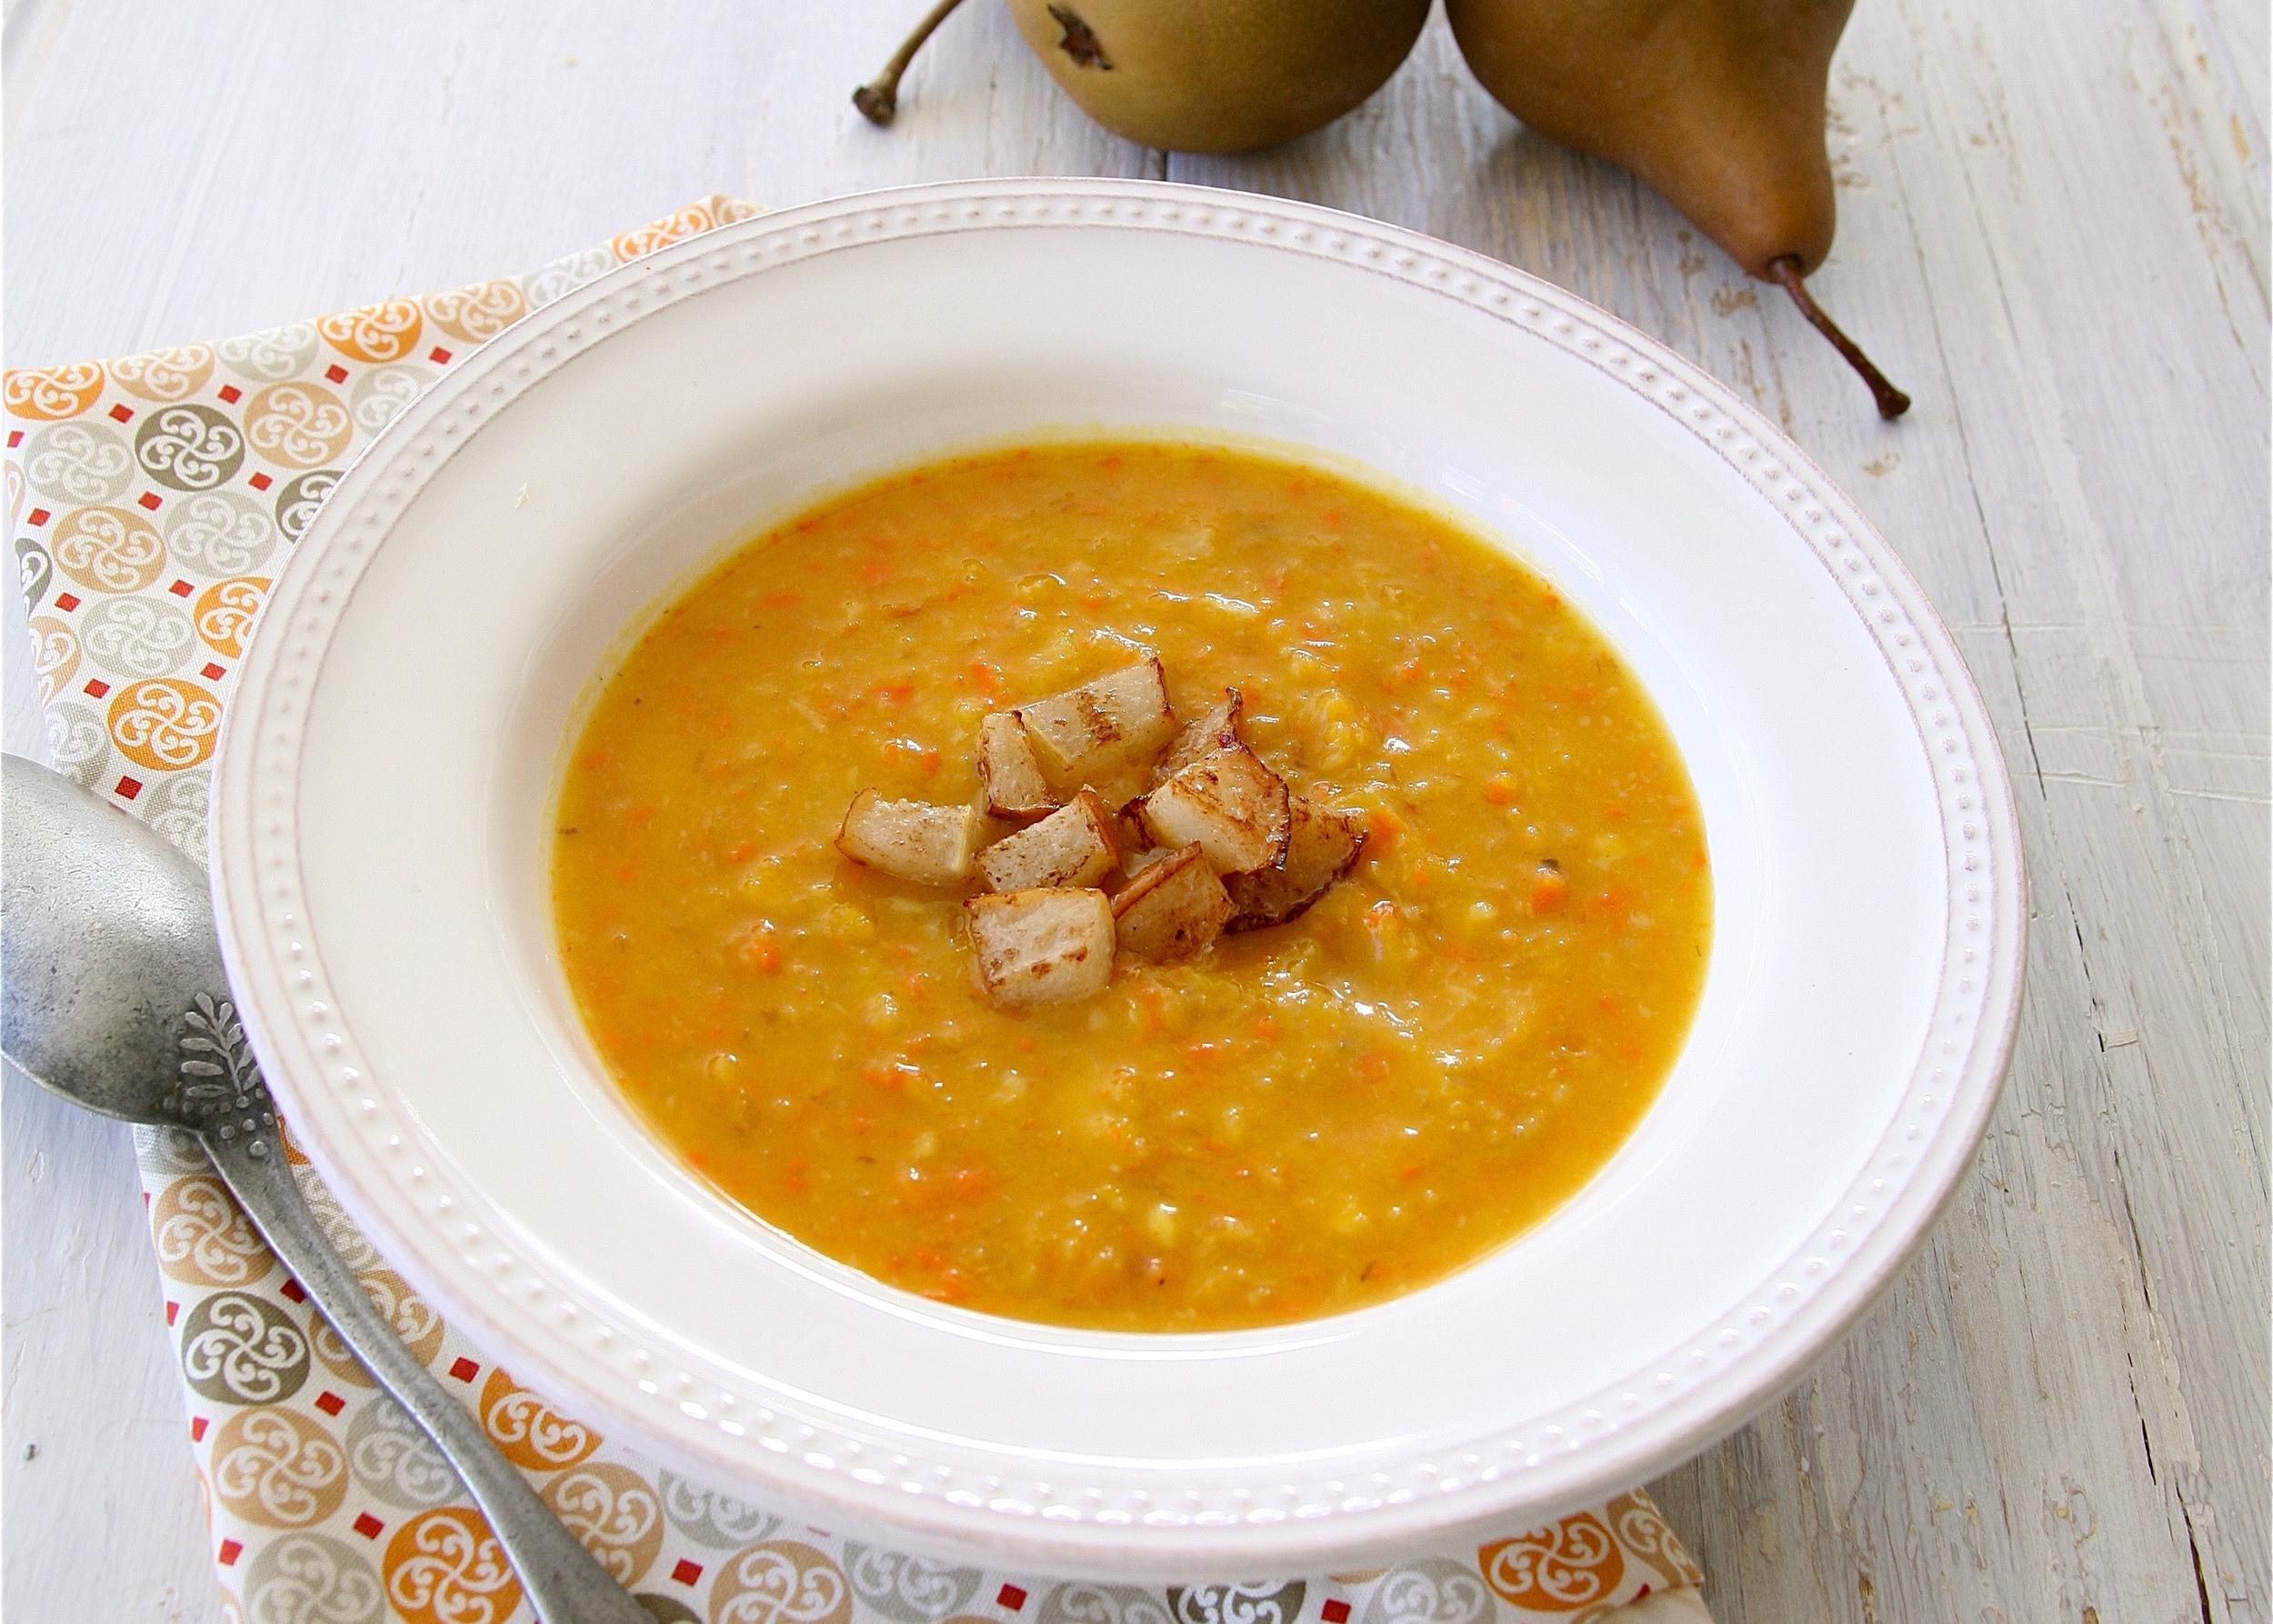 Harvest vegetables soup